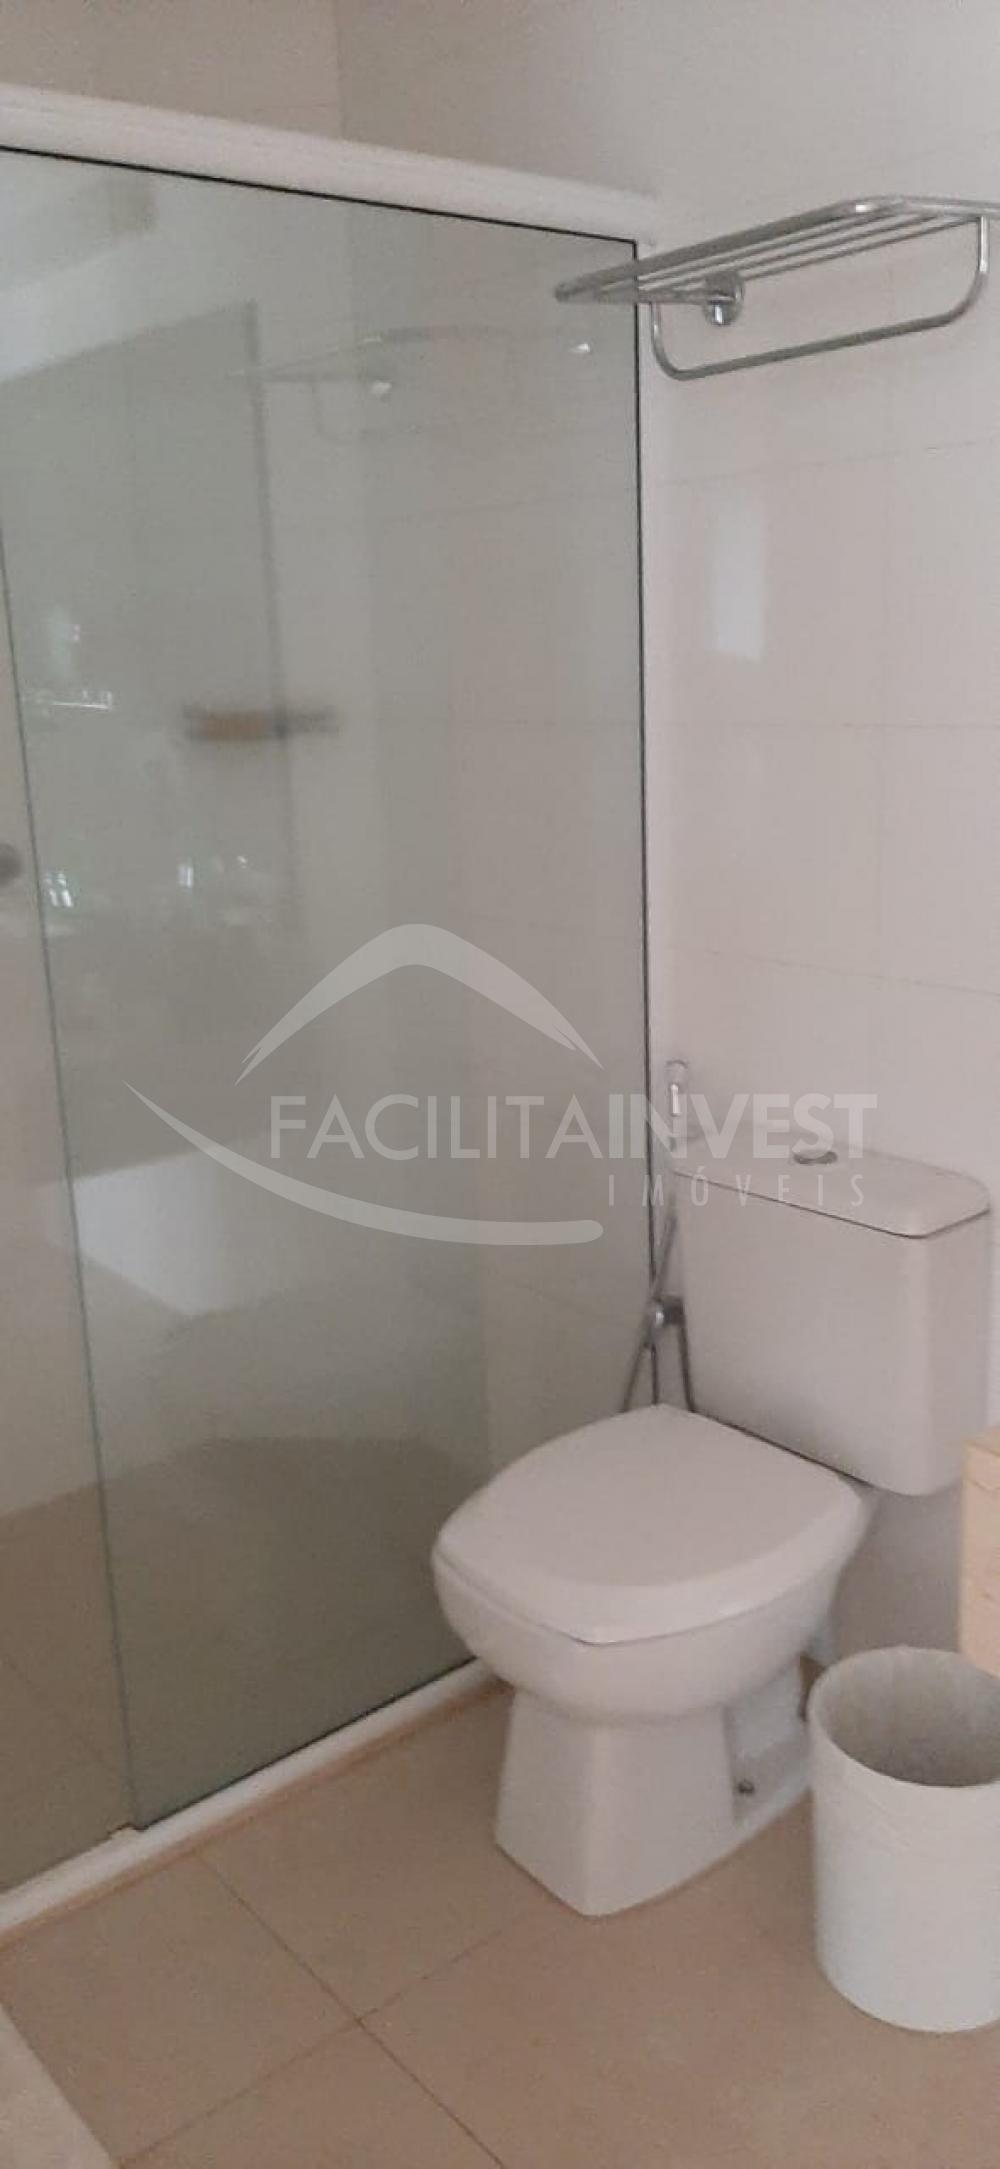 Alugar Apartamentos / Apartamento/ Flat Mobiliado em Ribeirão Preto apenas R$ 2.300,00 - Foto 7